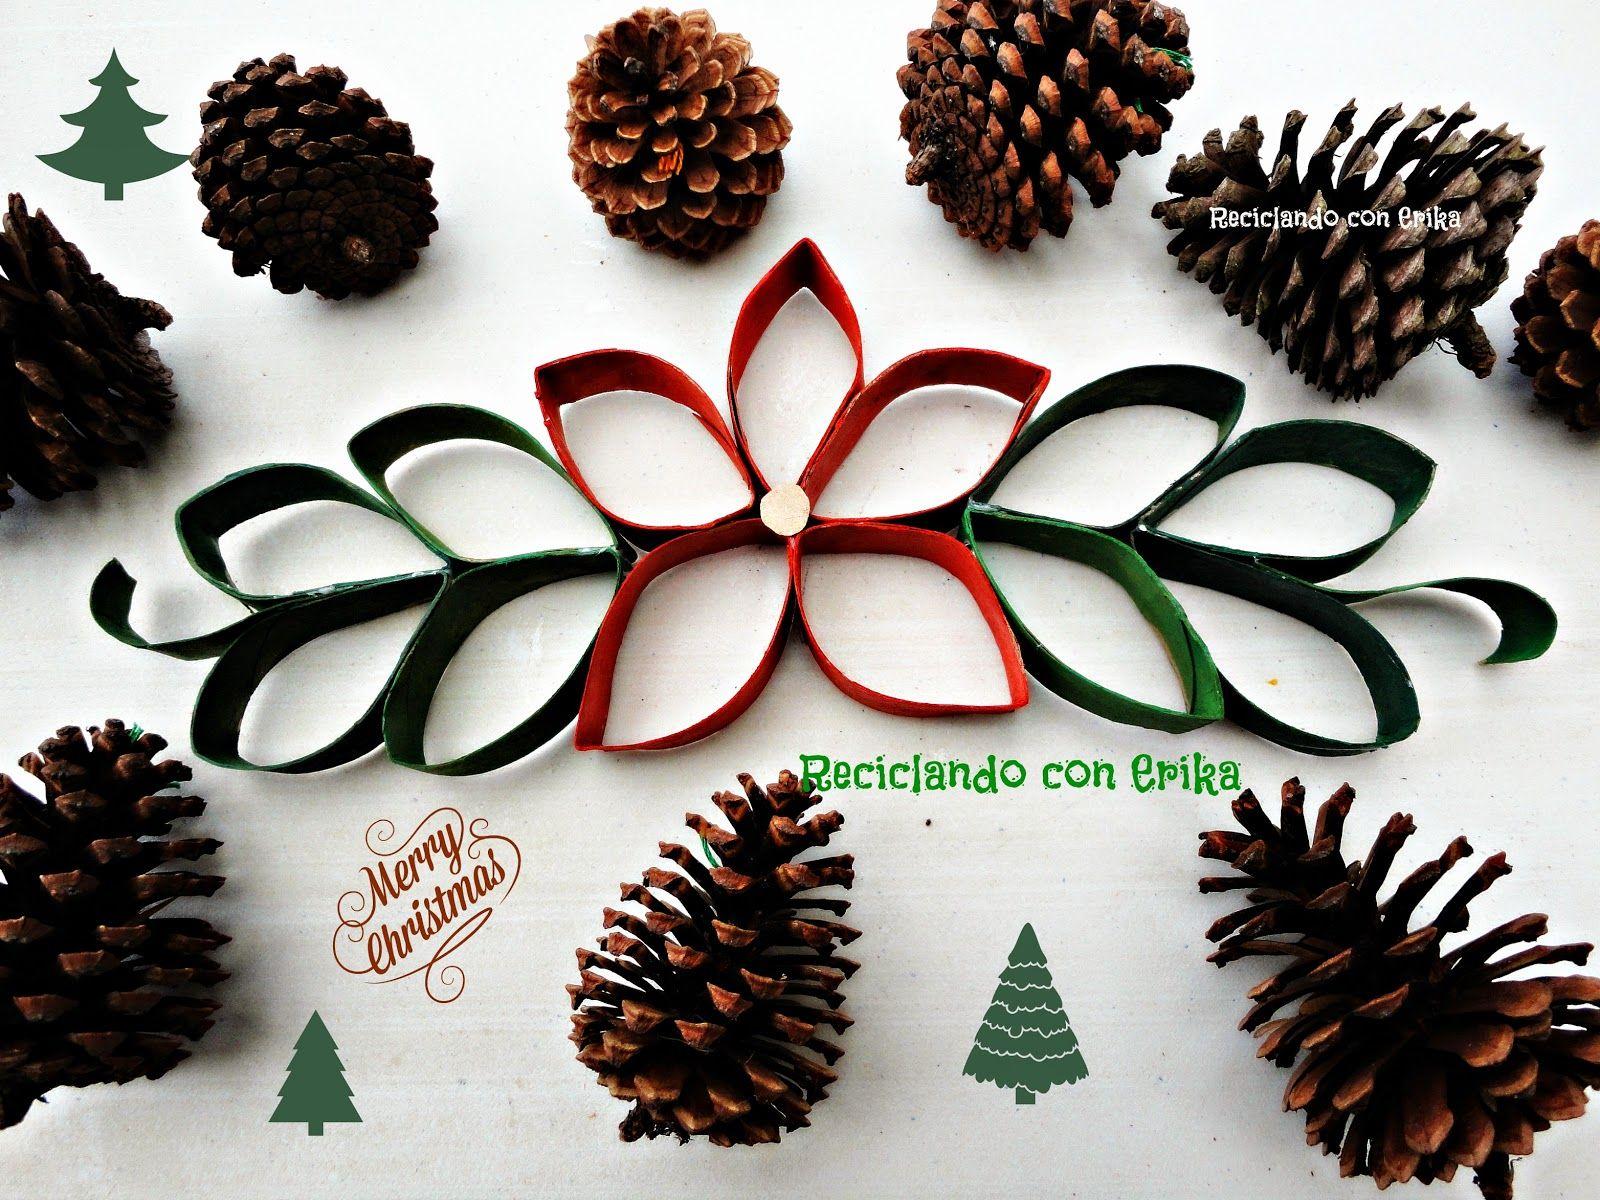 Detalles decorativos de navidad diy de bajo costo - Decorativos para navidad ...